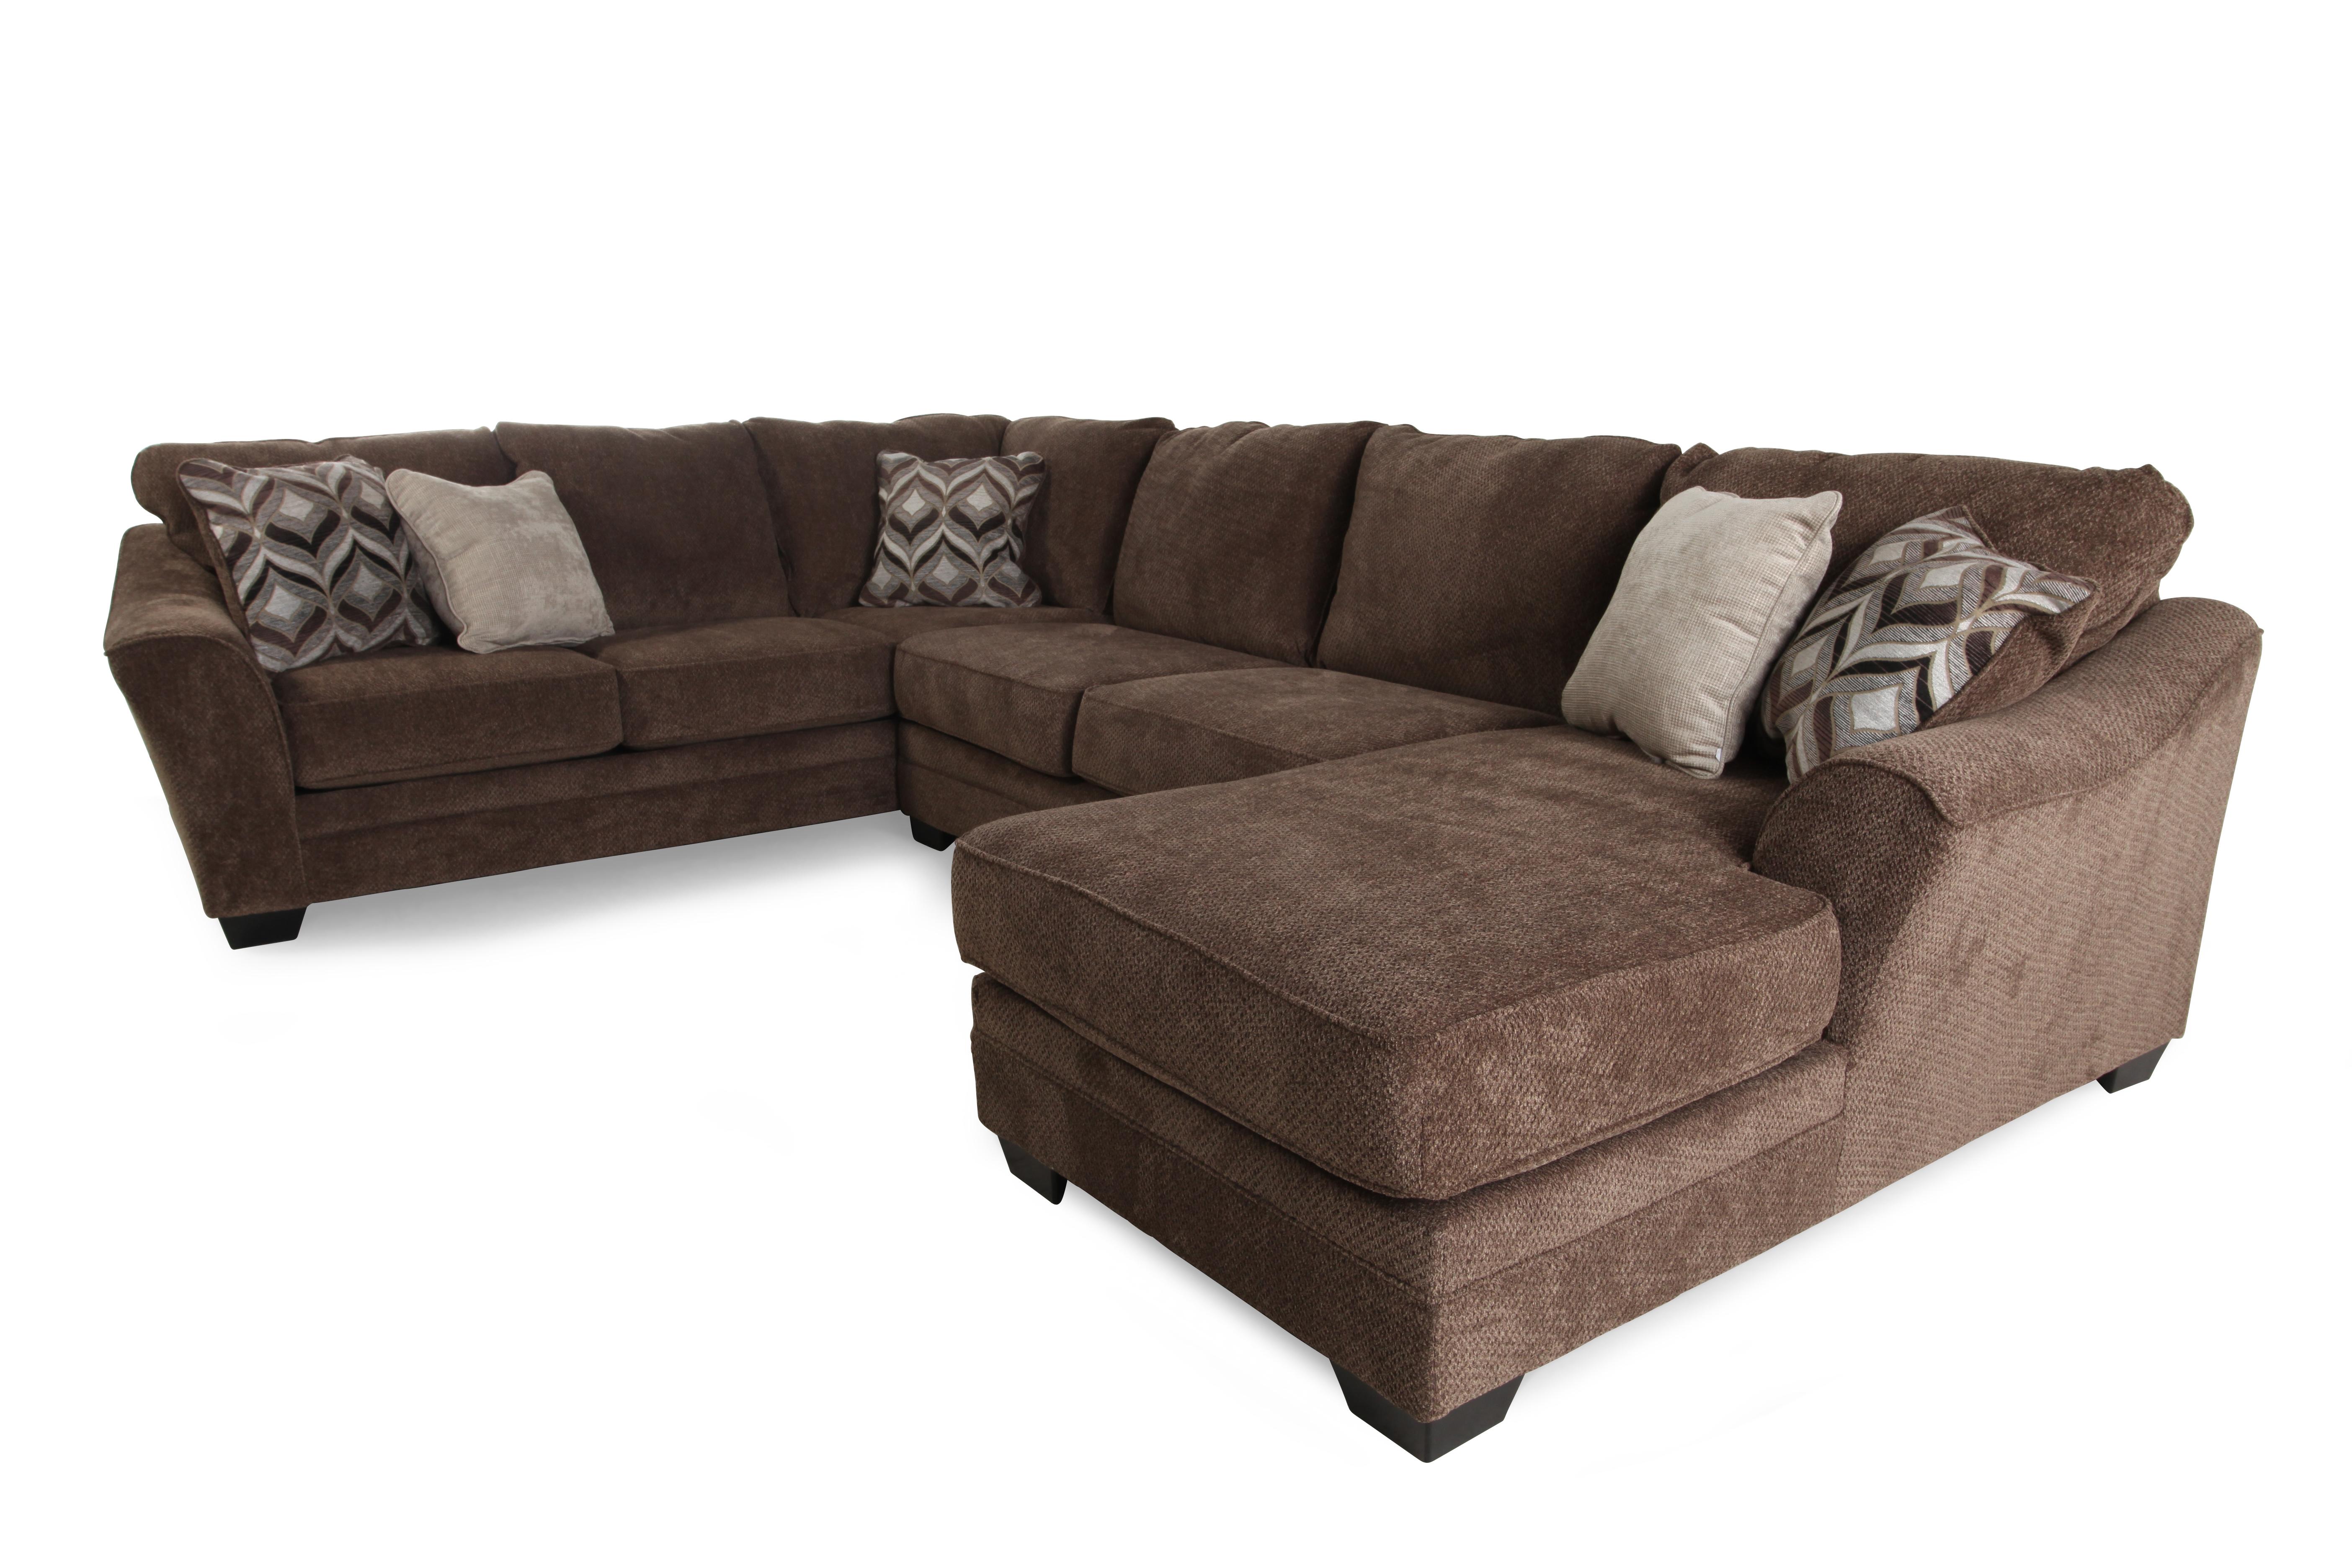 Justyna Ashley Furniture